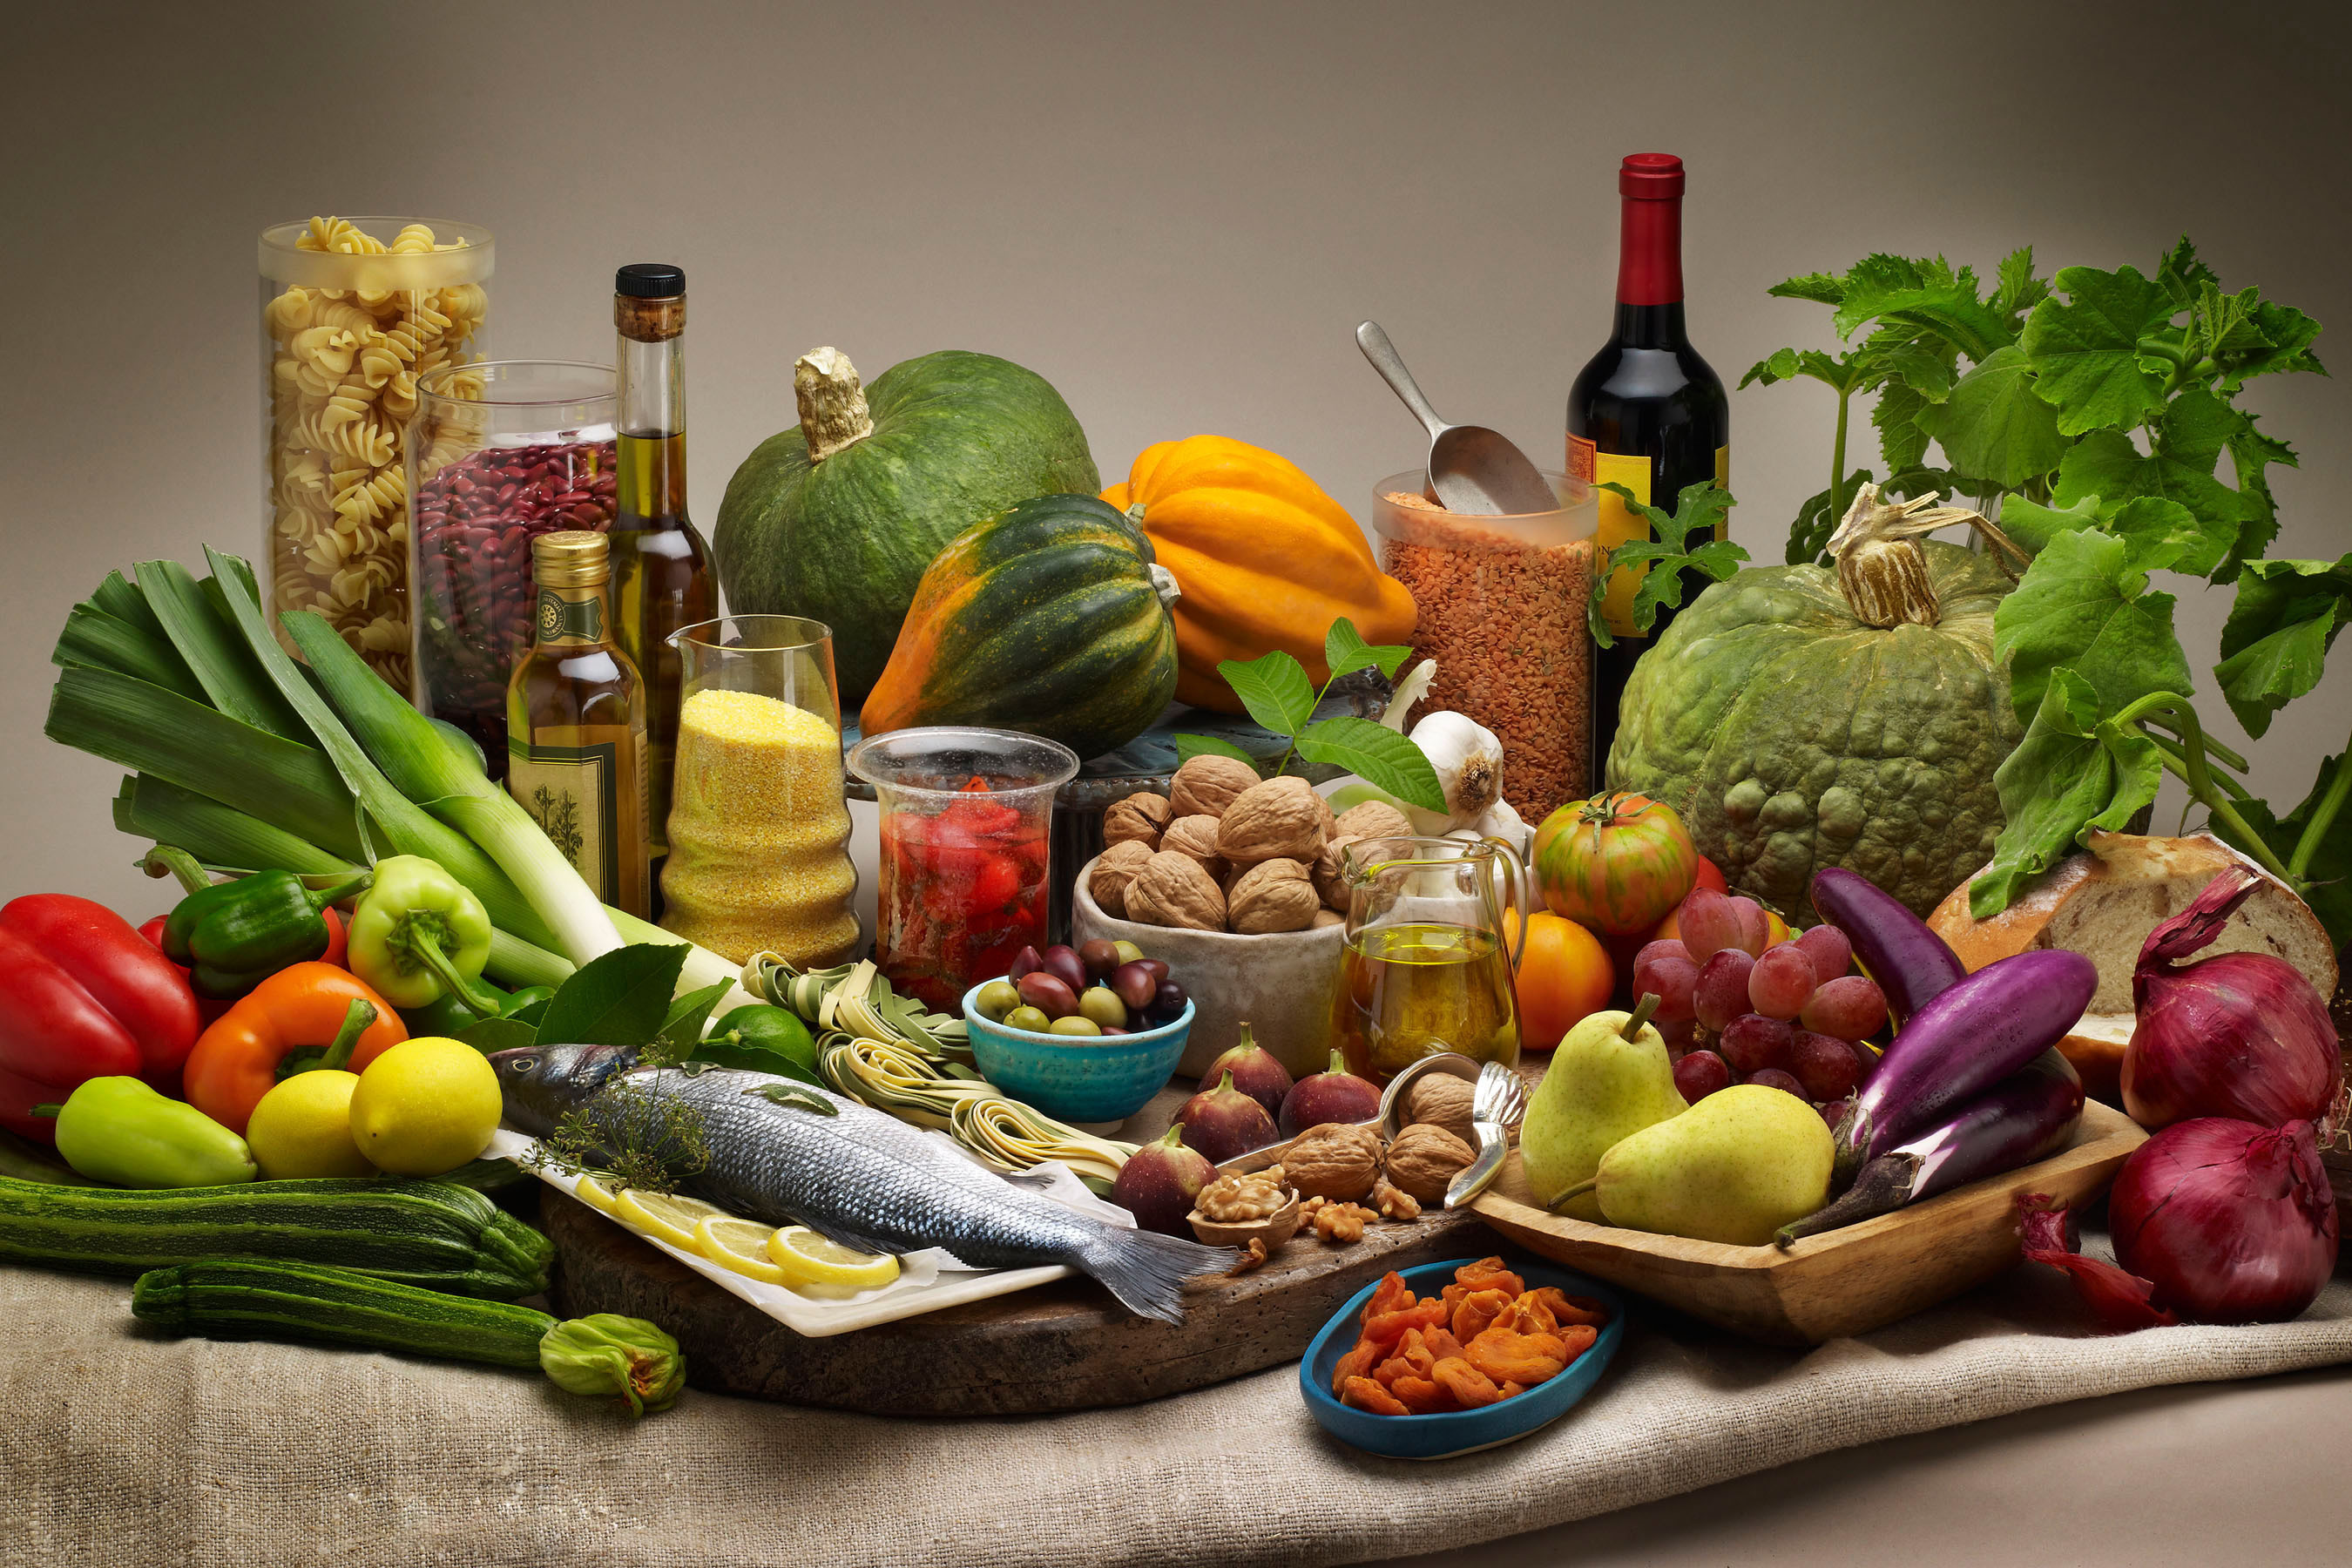 Αποτέλεσμα εικόνας για μεσογειακή διατροφή